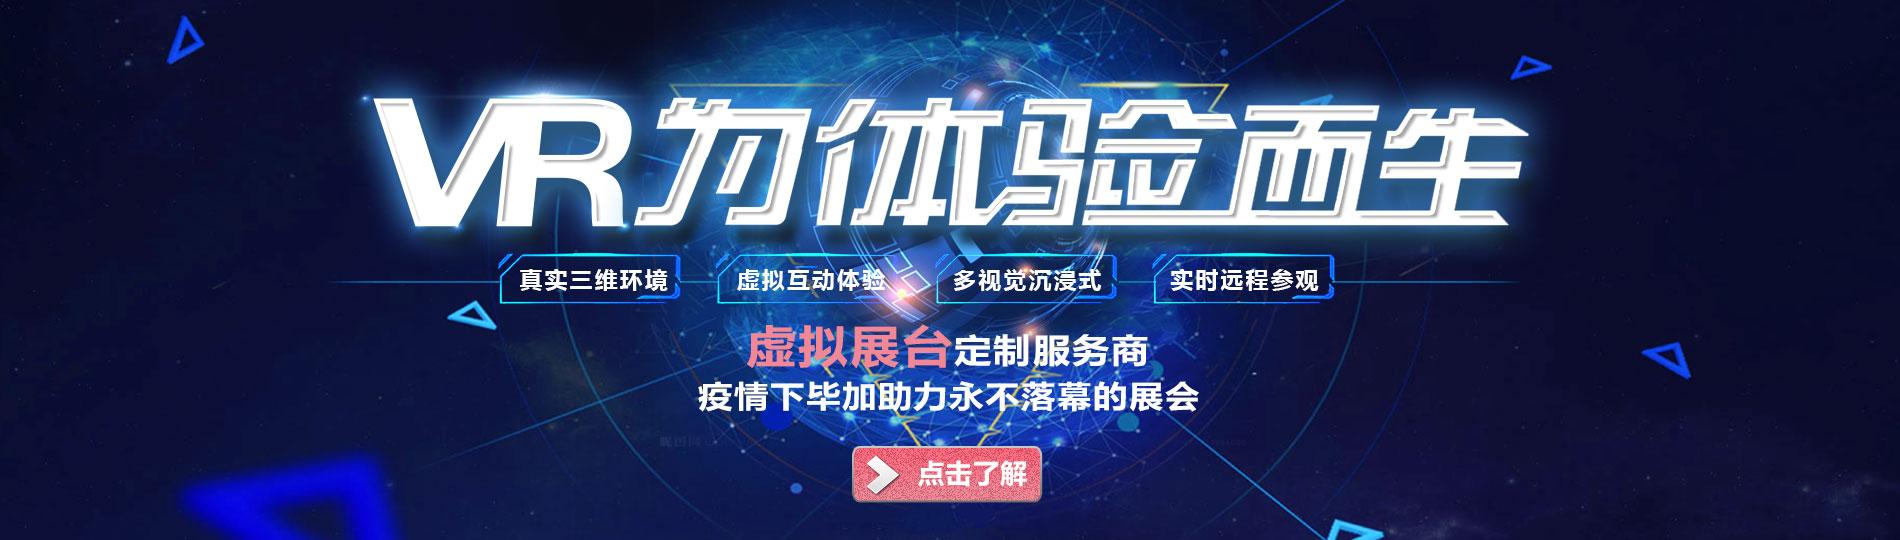 虚拟九游会在线官网设计